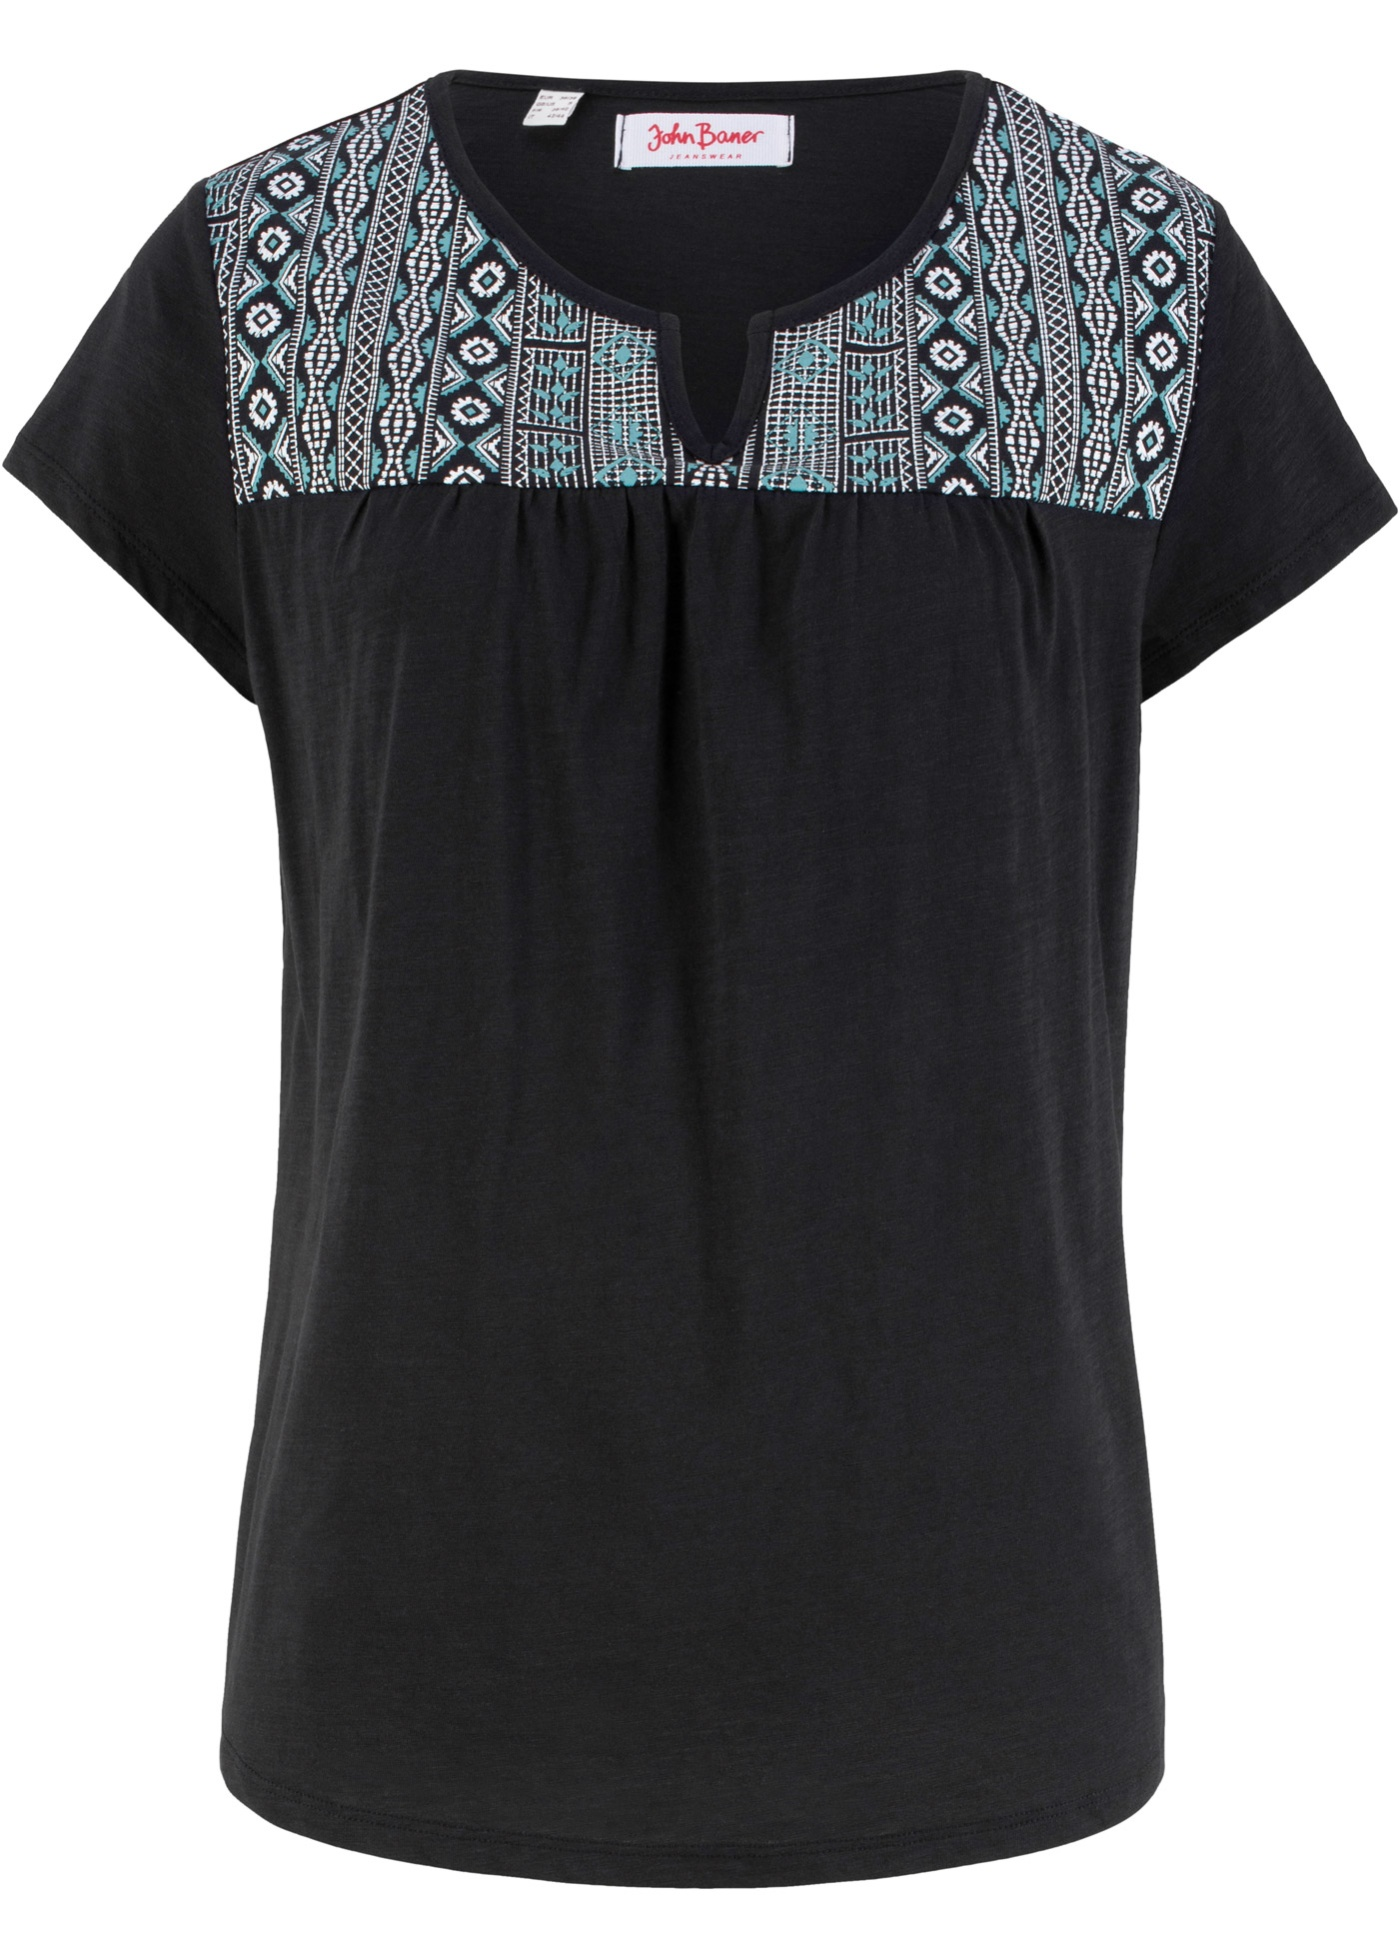 Baner Femme BonprixT Pour Courtes Jeanswear ImpriméManches Coton John shirt Noir Trapèze Forme BQrCxdeWo